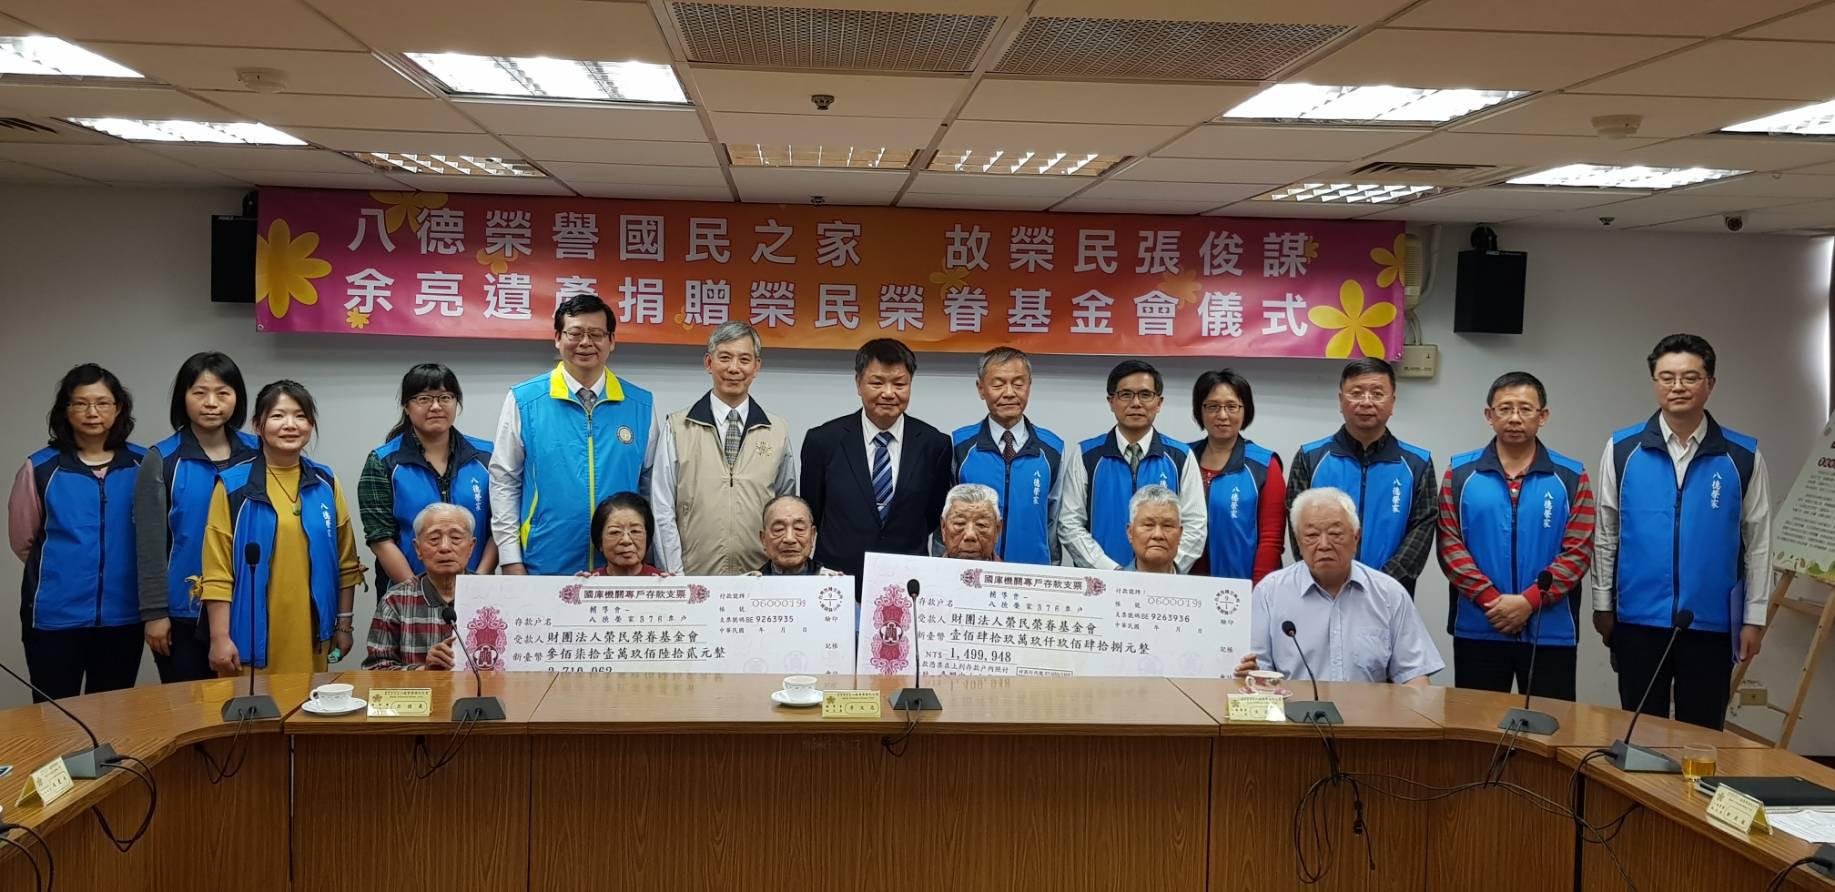 109.3.24 李董事長出席八德榮家遺產捐贈並頒發榮光獎章